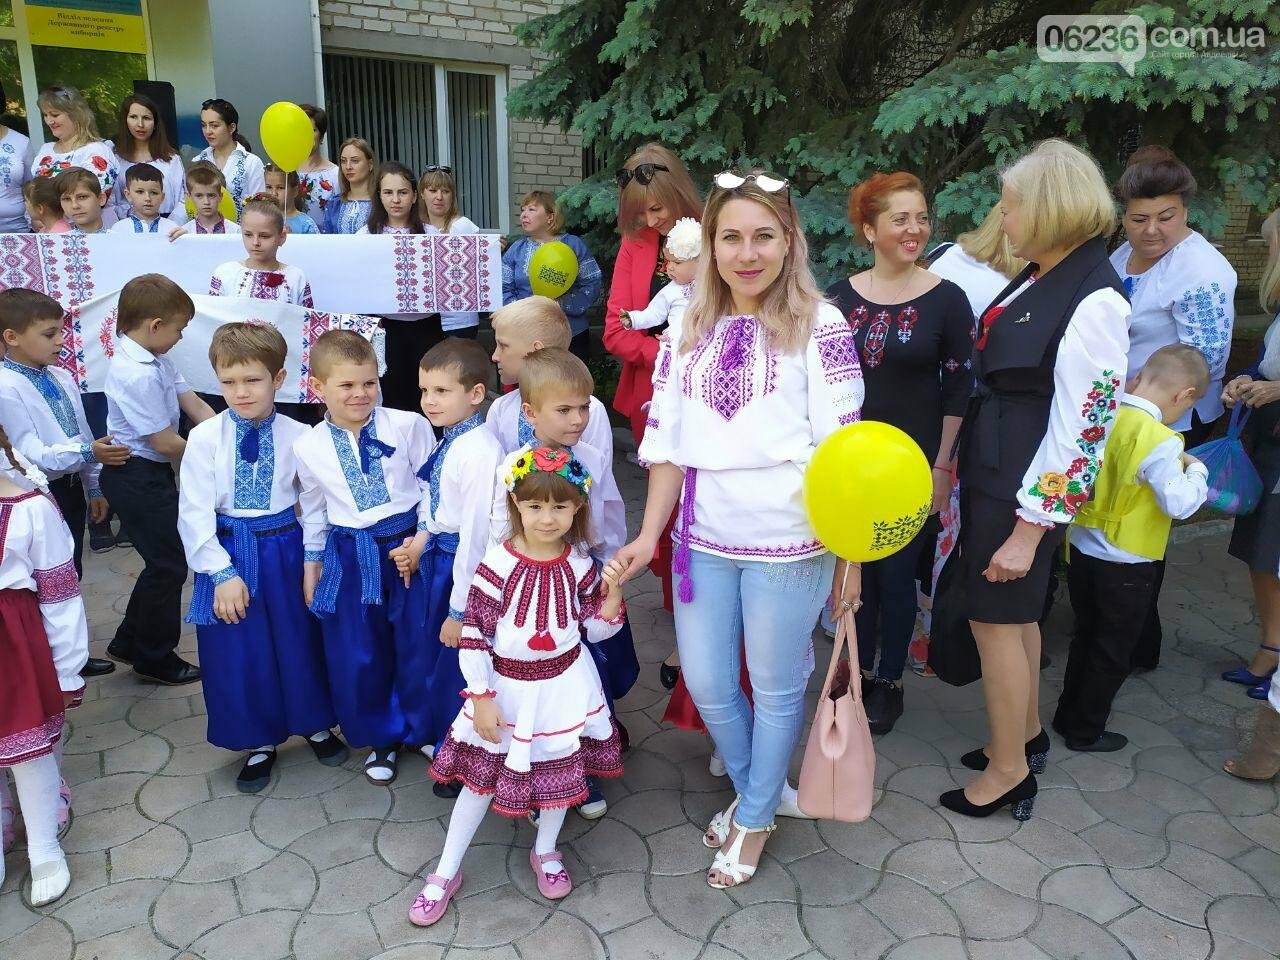 Авдіївка вбралася у вишиванки (ФОТОЗВІТ), фото-4